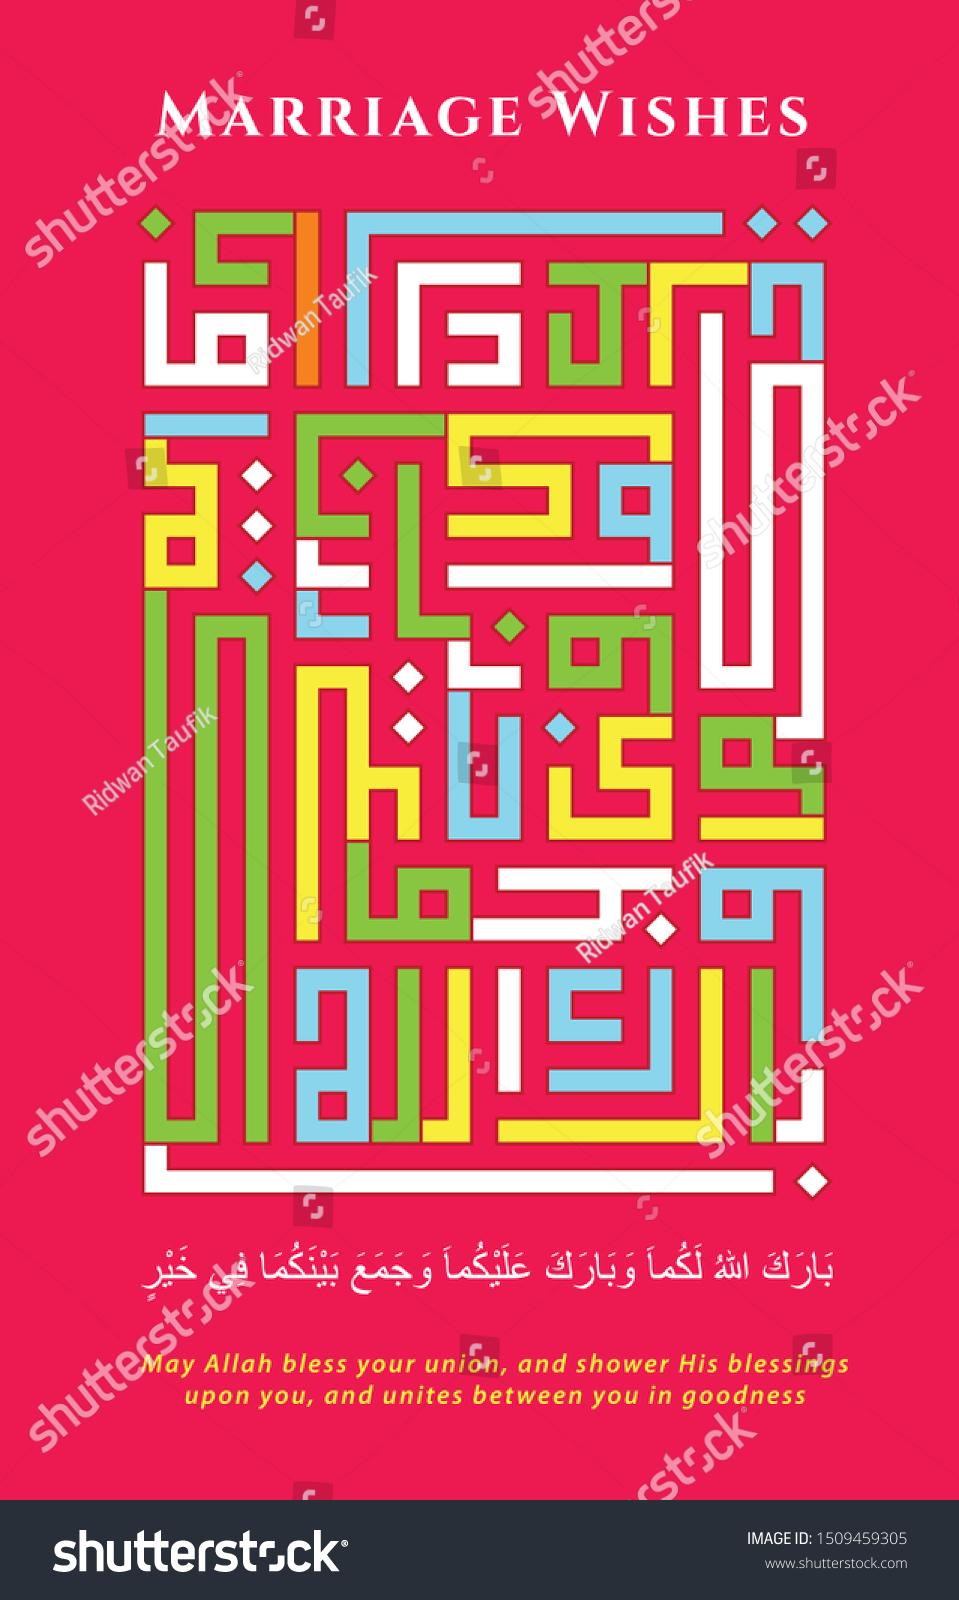 Barakallahu Laka Wa Baraka : barakallahu, baraka, Wishes, Couple, Barakallahu, Lakuma, Baraka, Stock, Vector, (Royalty, Free), 1509459305